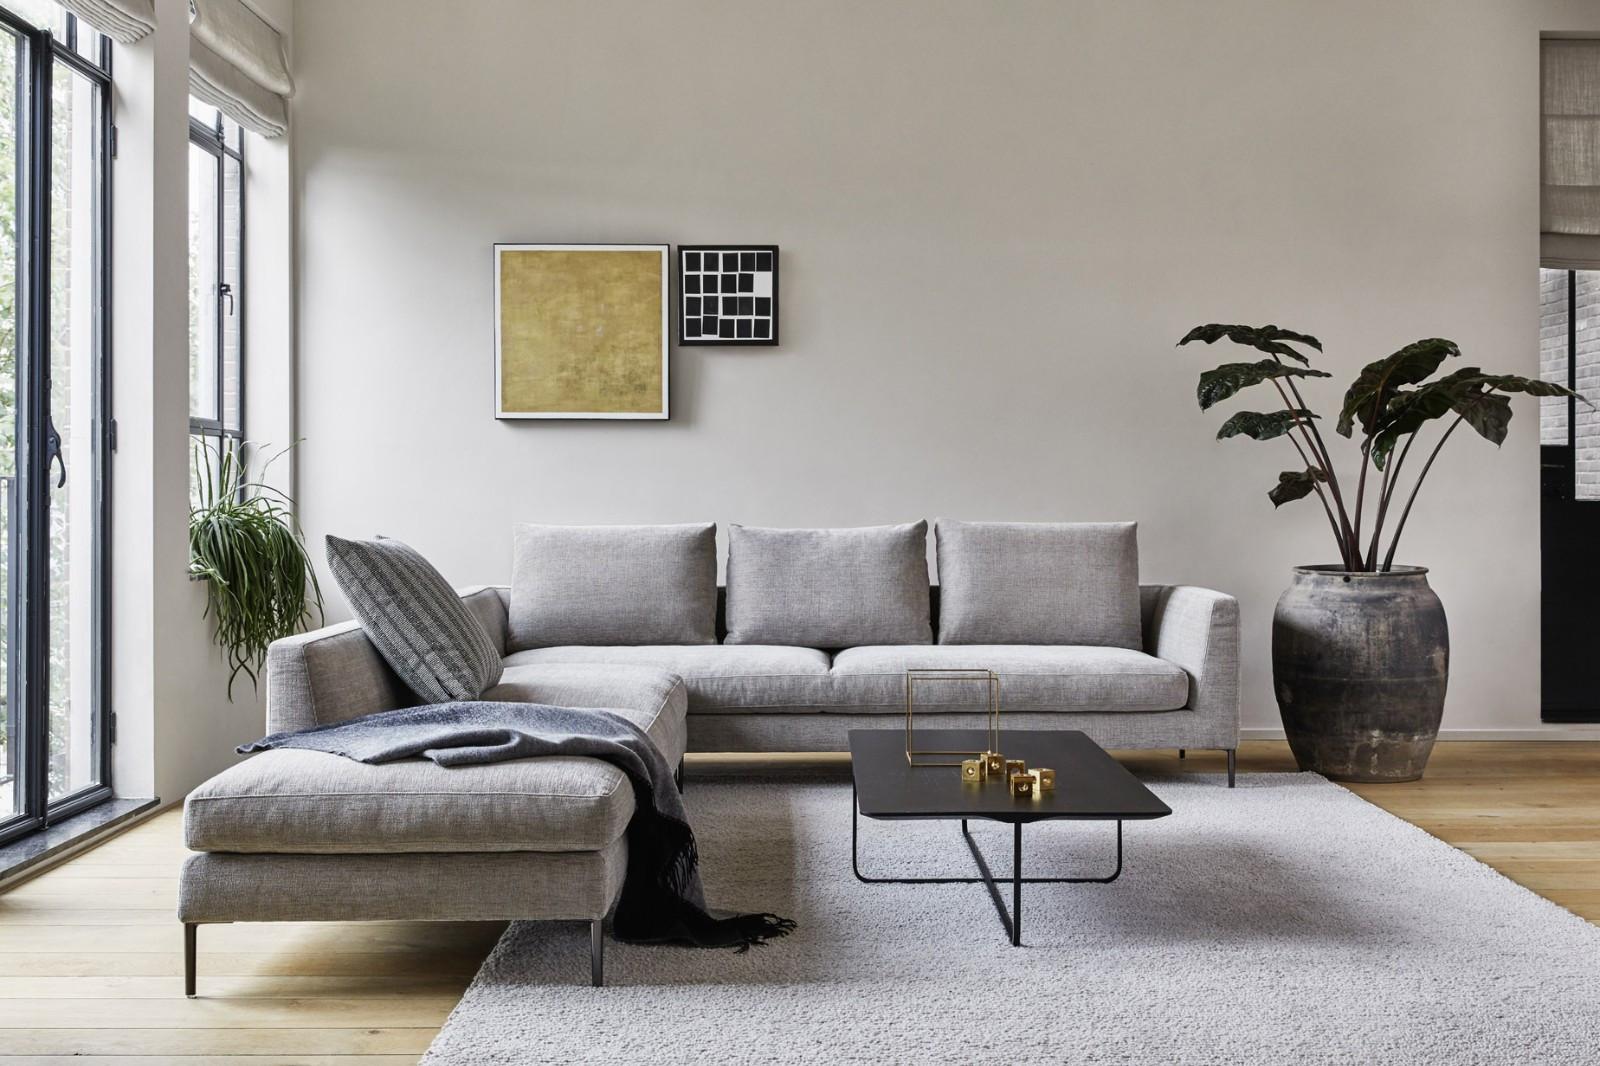 鉴赏ROYAL BOTANIA家具艺术魅力之作、给你最自然舒